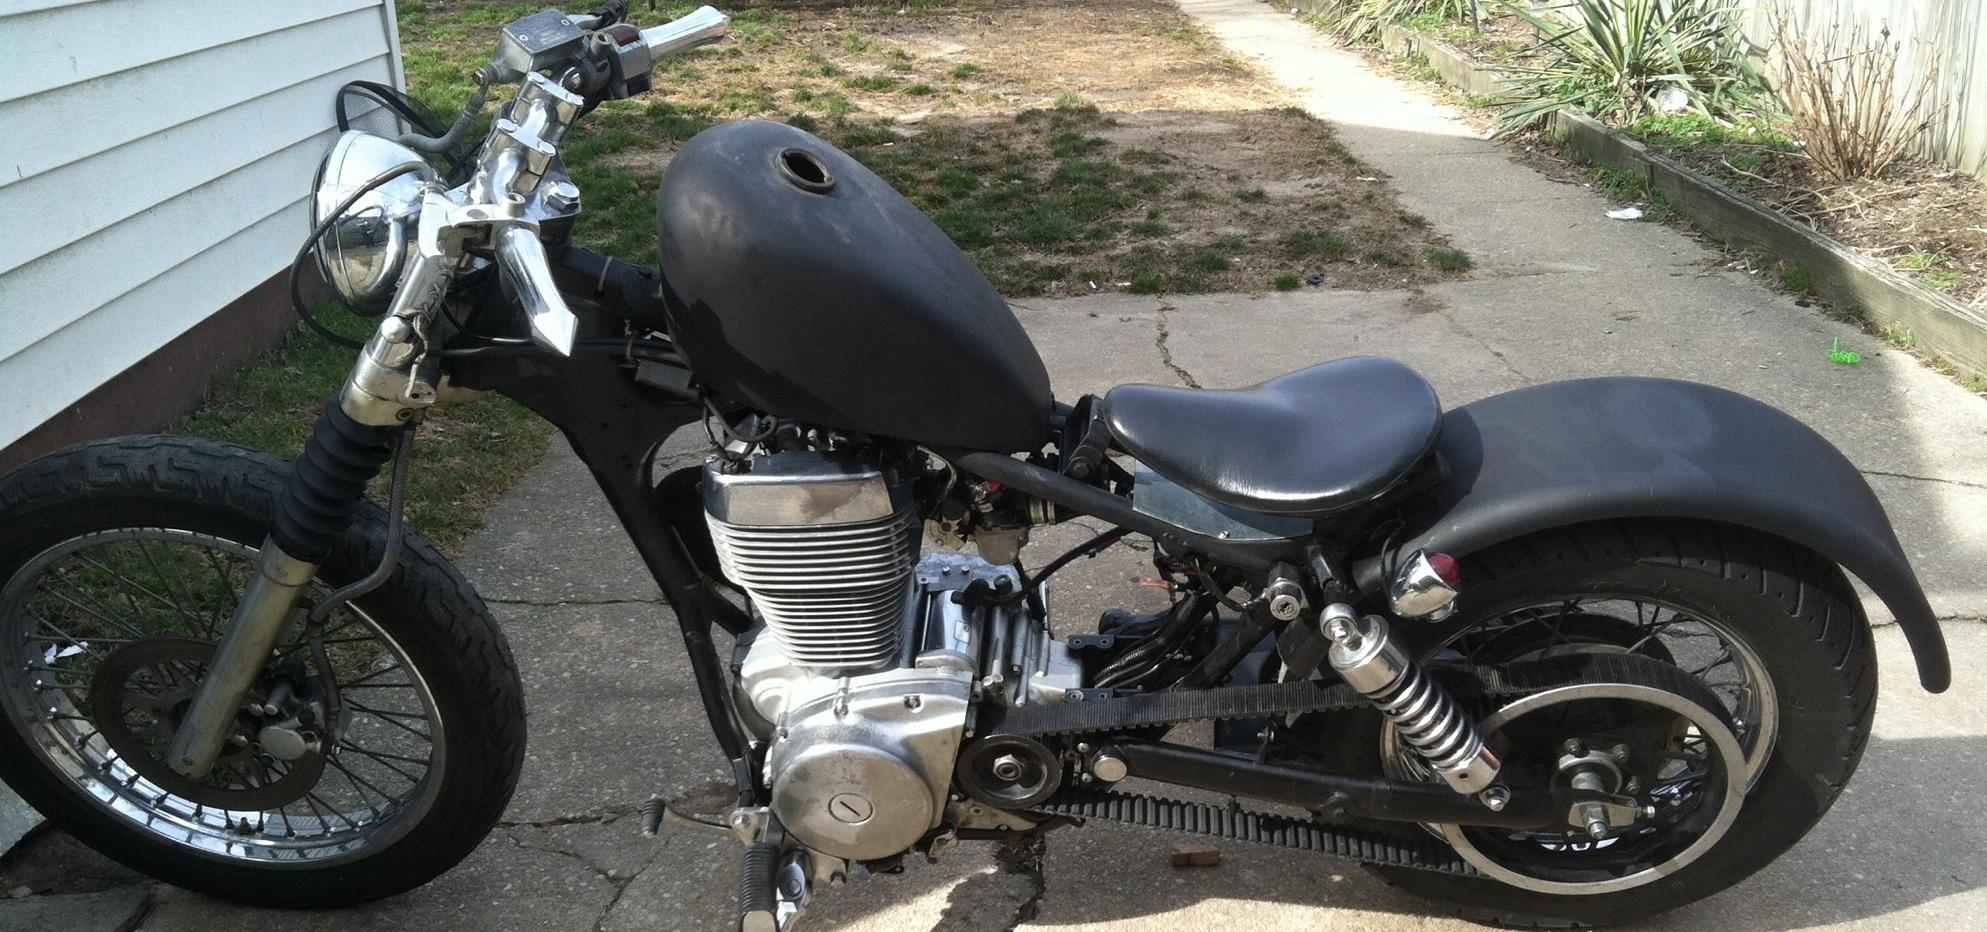 suzuki savage 650 carburetor diagram citrix visio 1987 wiring boulevard